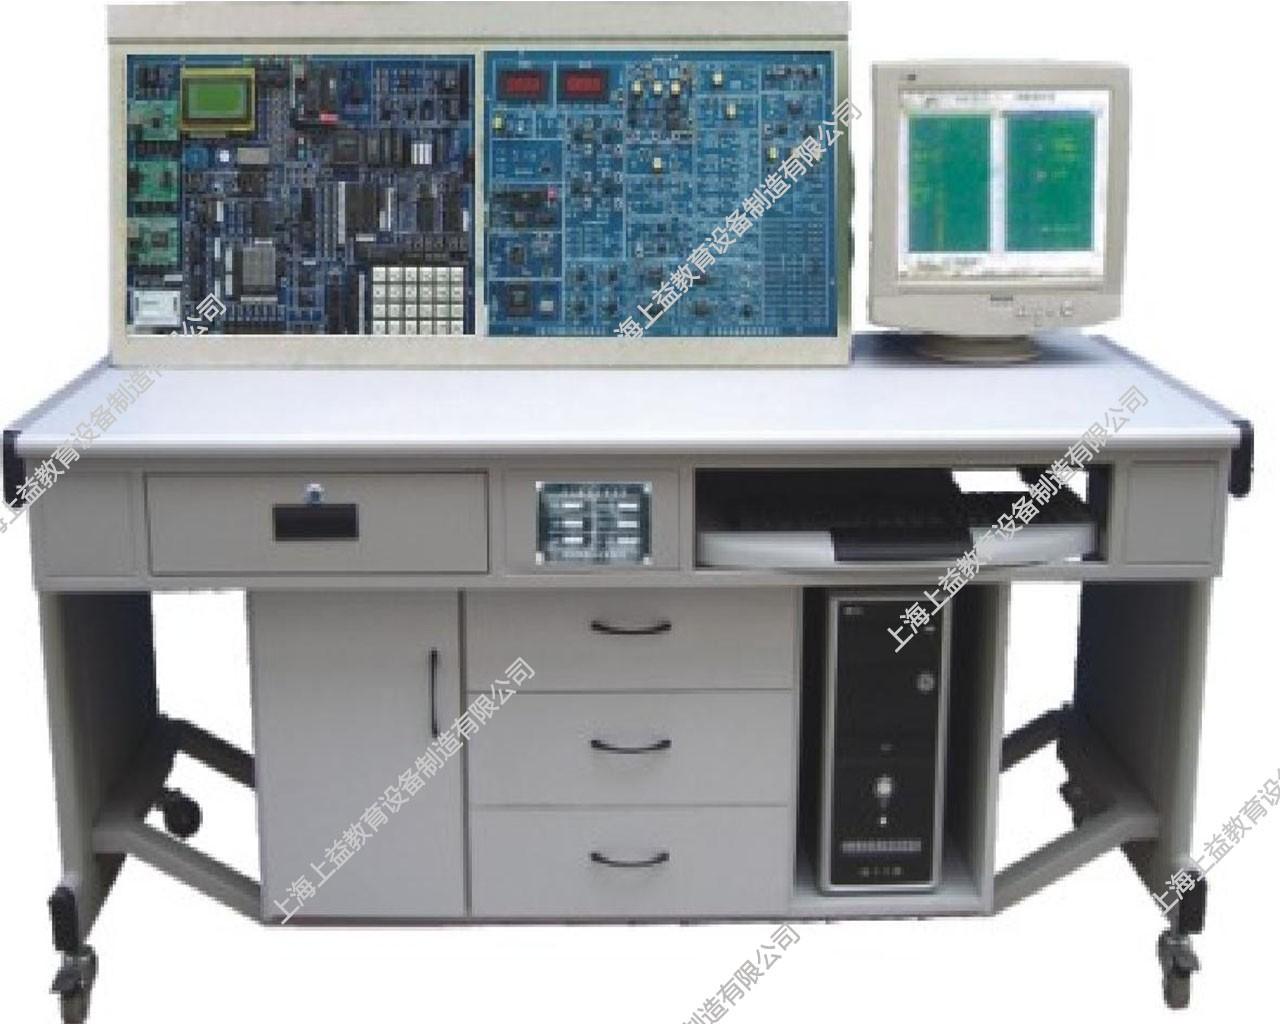 SYSKJ-16A自动控制、计算机控制技术、信号与系统综合实验装置